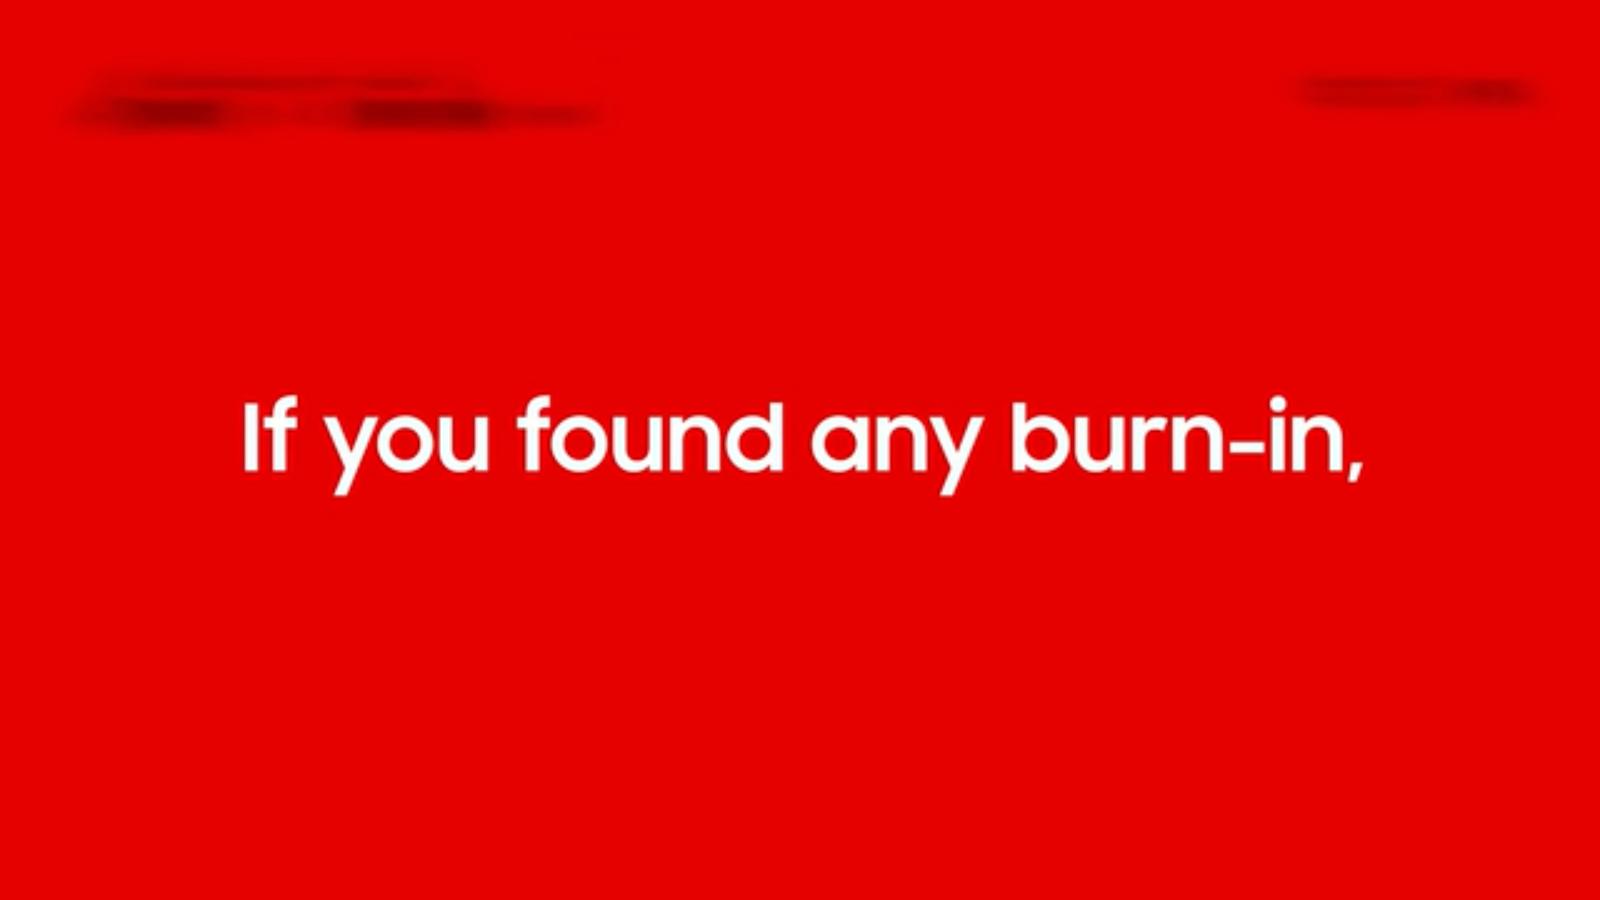 科技早闻:华为 10 月 17 日发布新机,三星发布视频帮助用户检查OLED电视面板是否烧屏